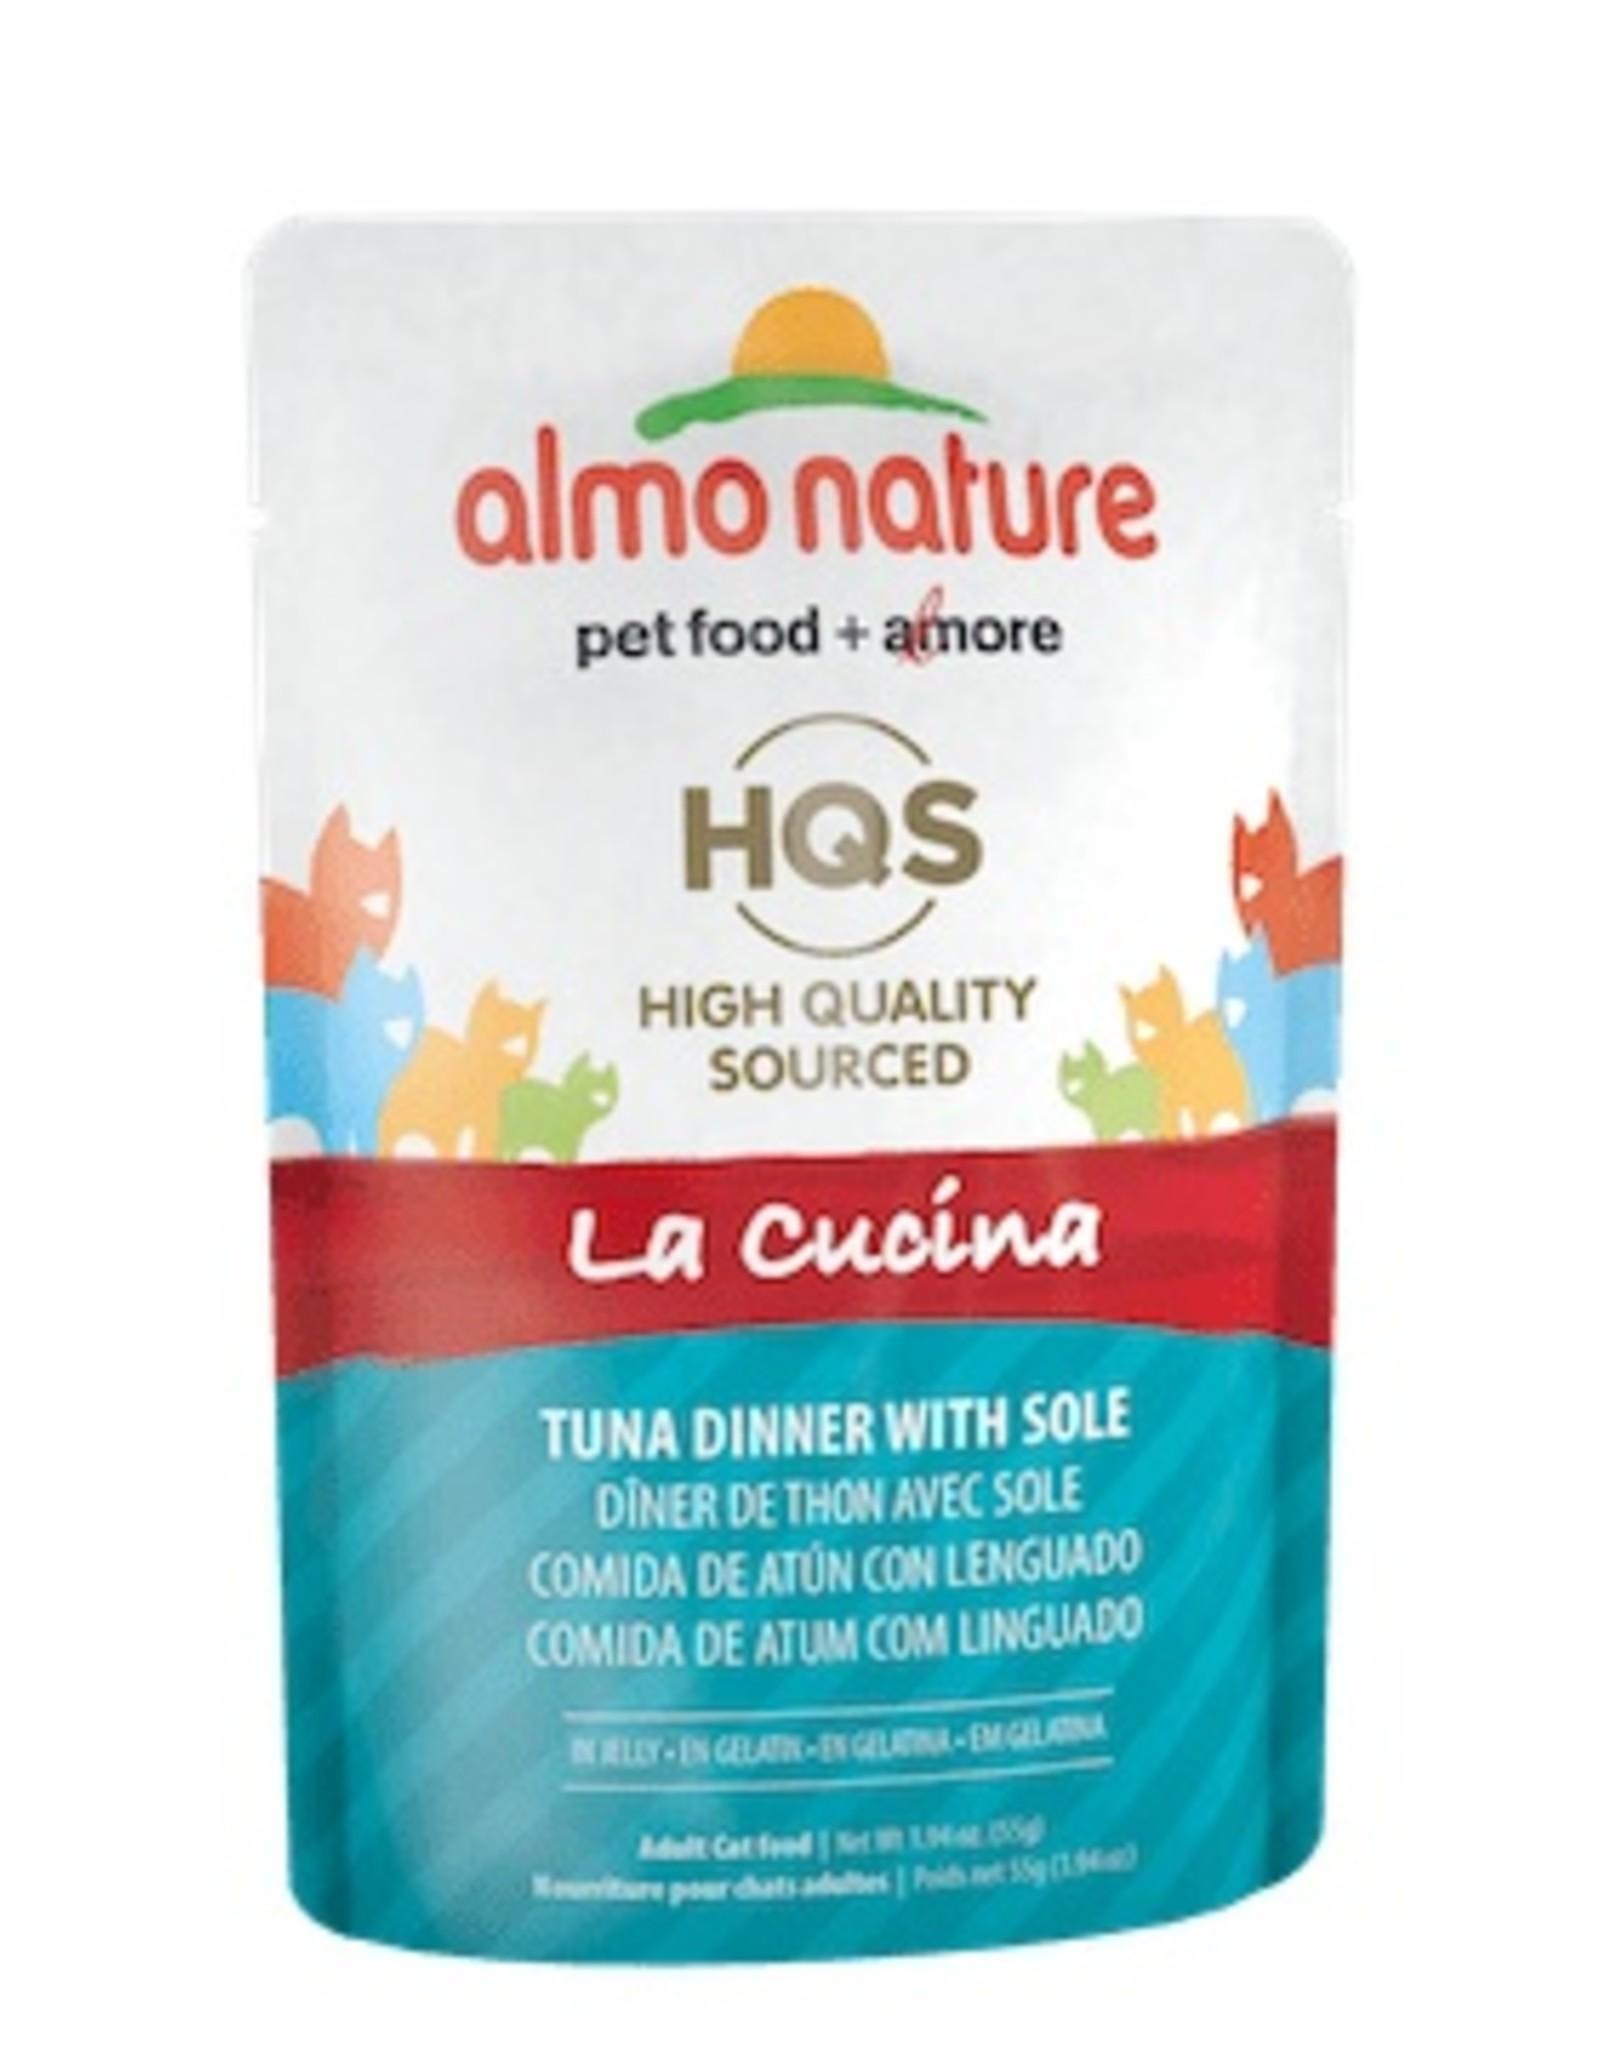 Almo Nature Almo Nature La Cucina Tuna Dinner with Sole Pouch